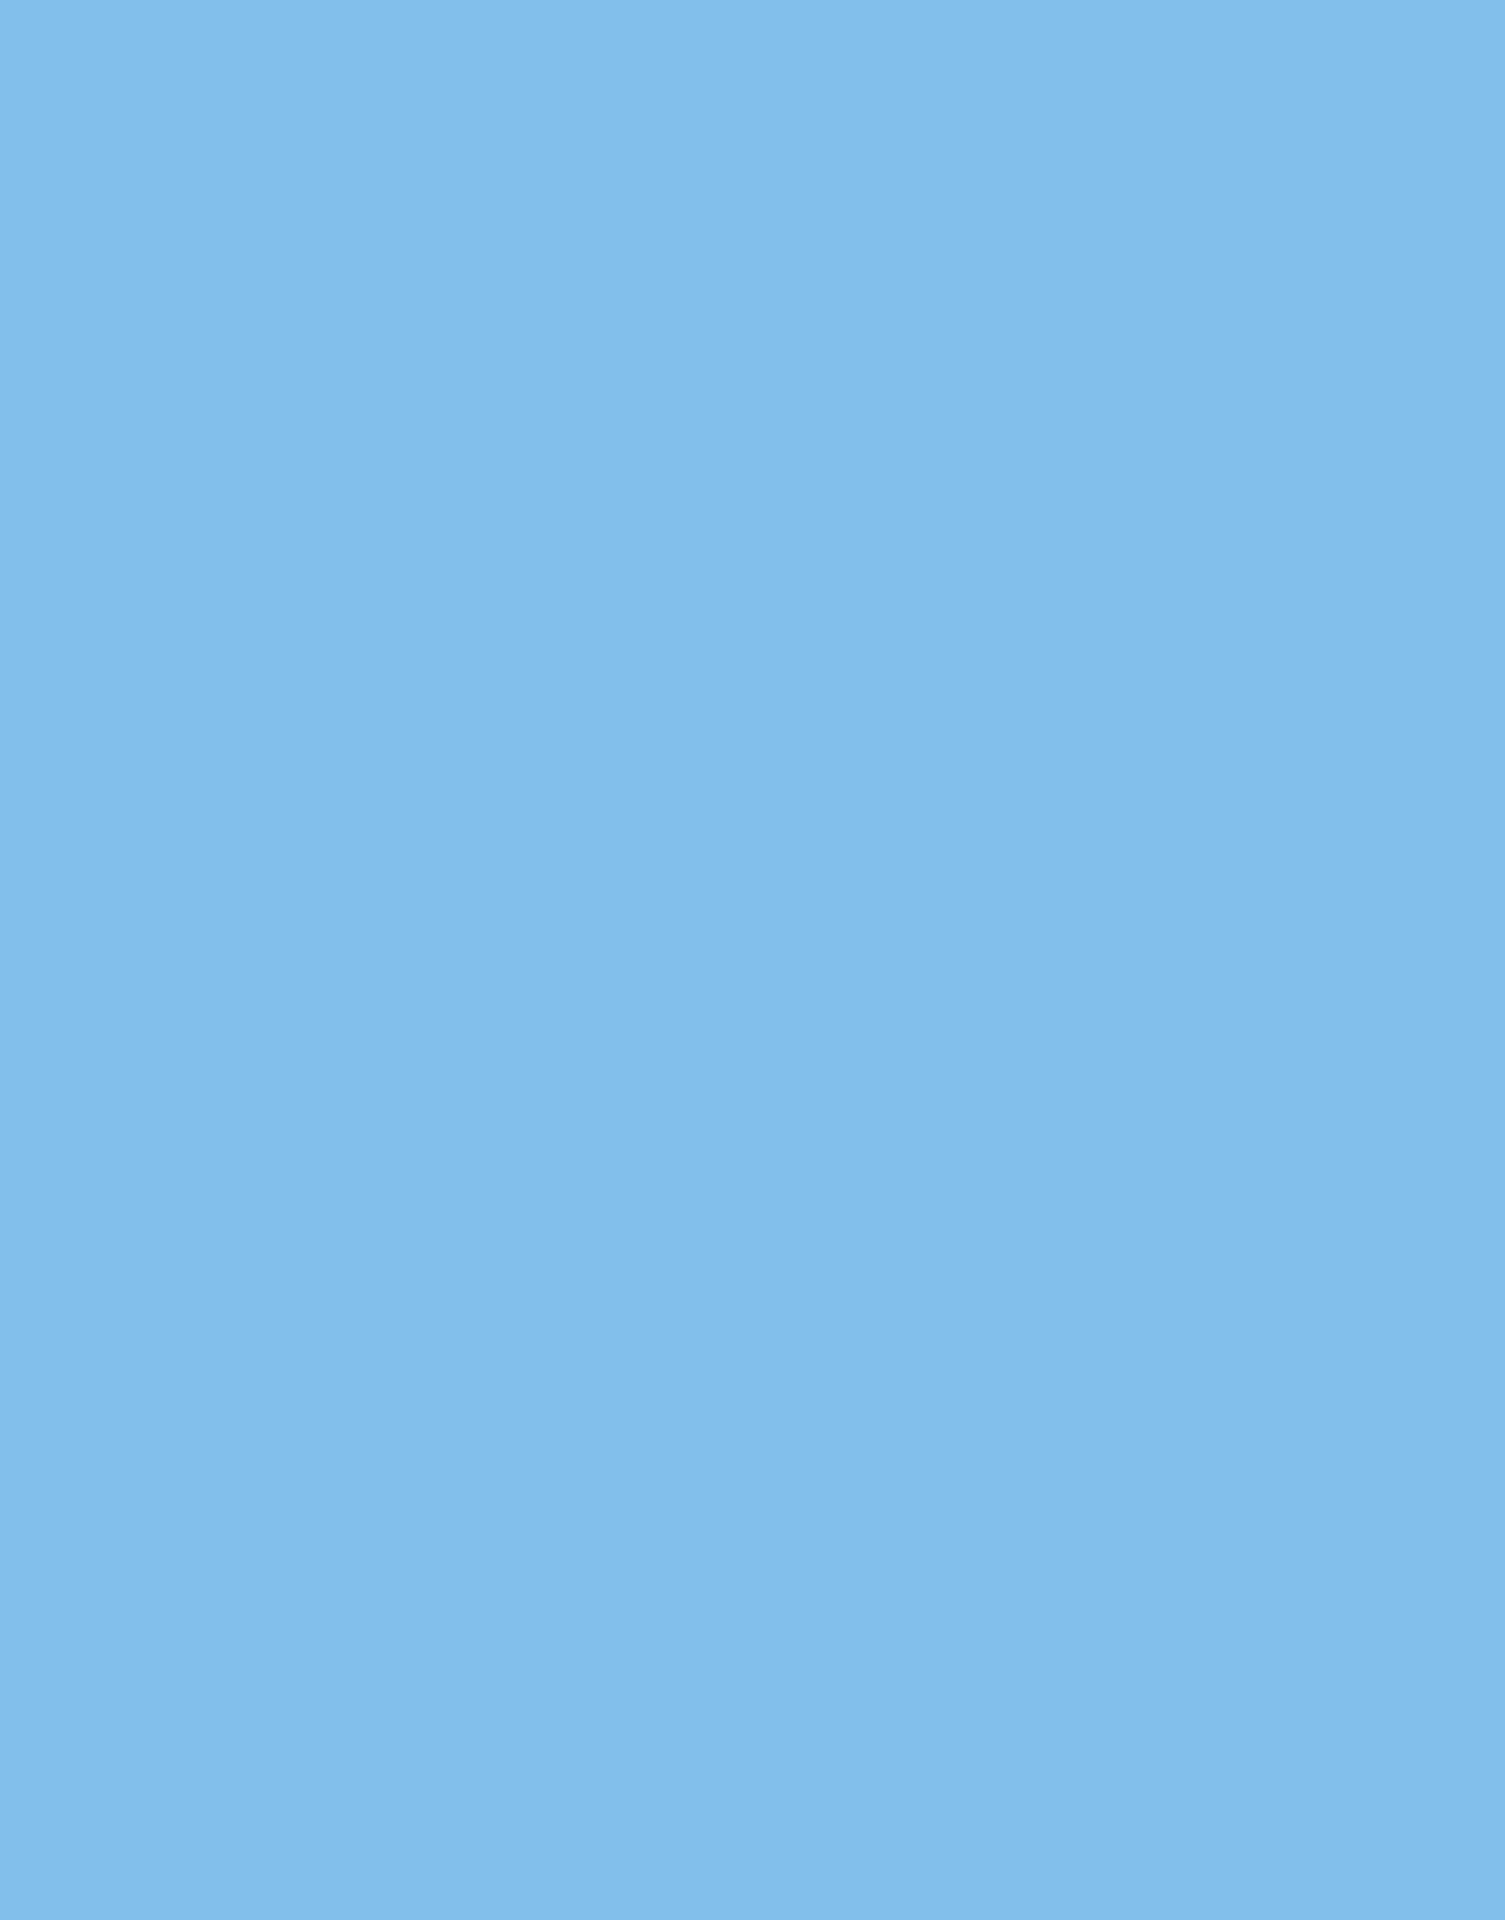 青春遇上死库水 出水芙蓉水灵灵-[青山裕企] スク水 sukumizu-星宫动漫